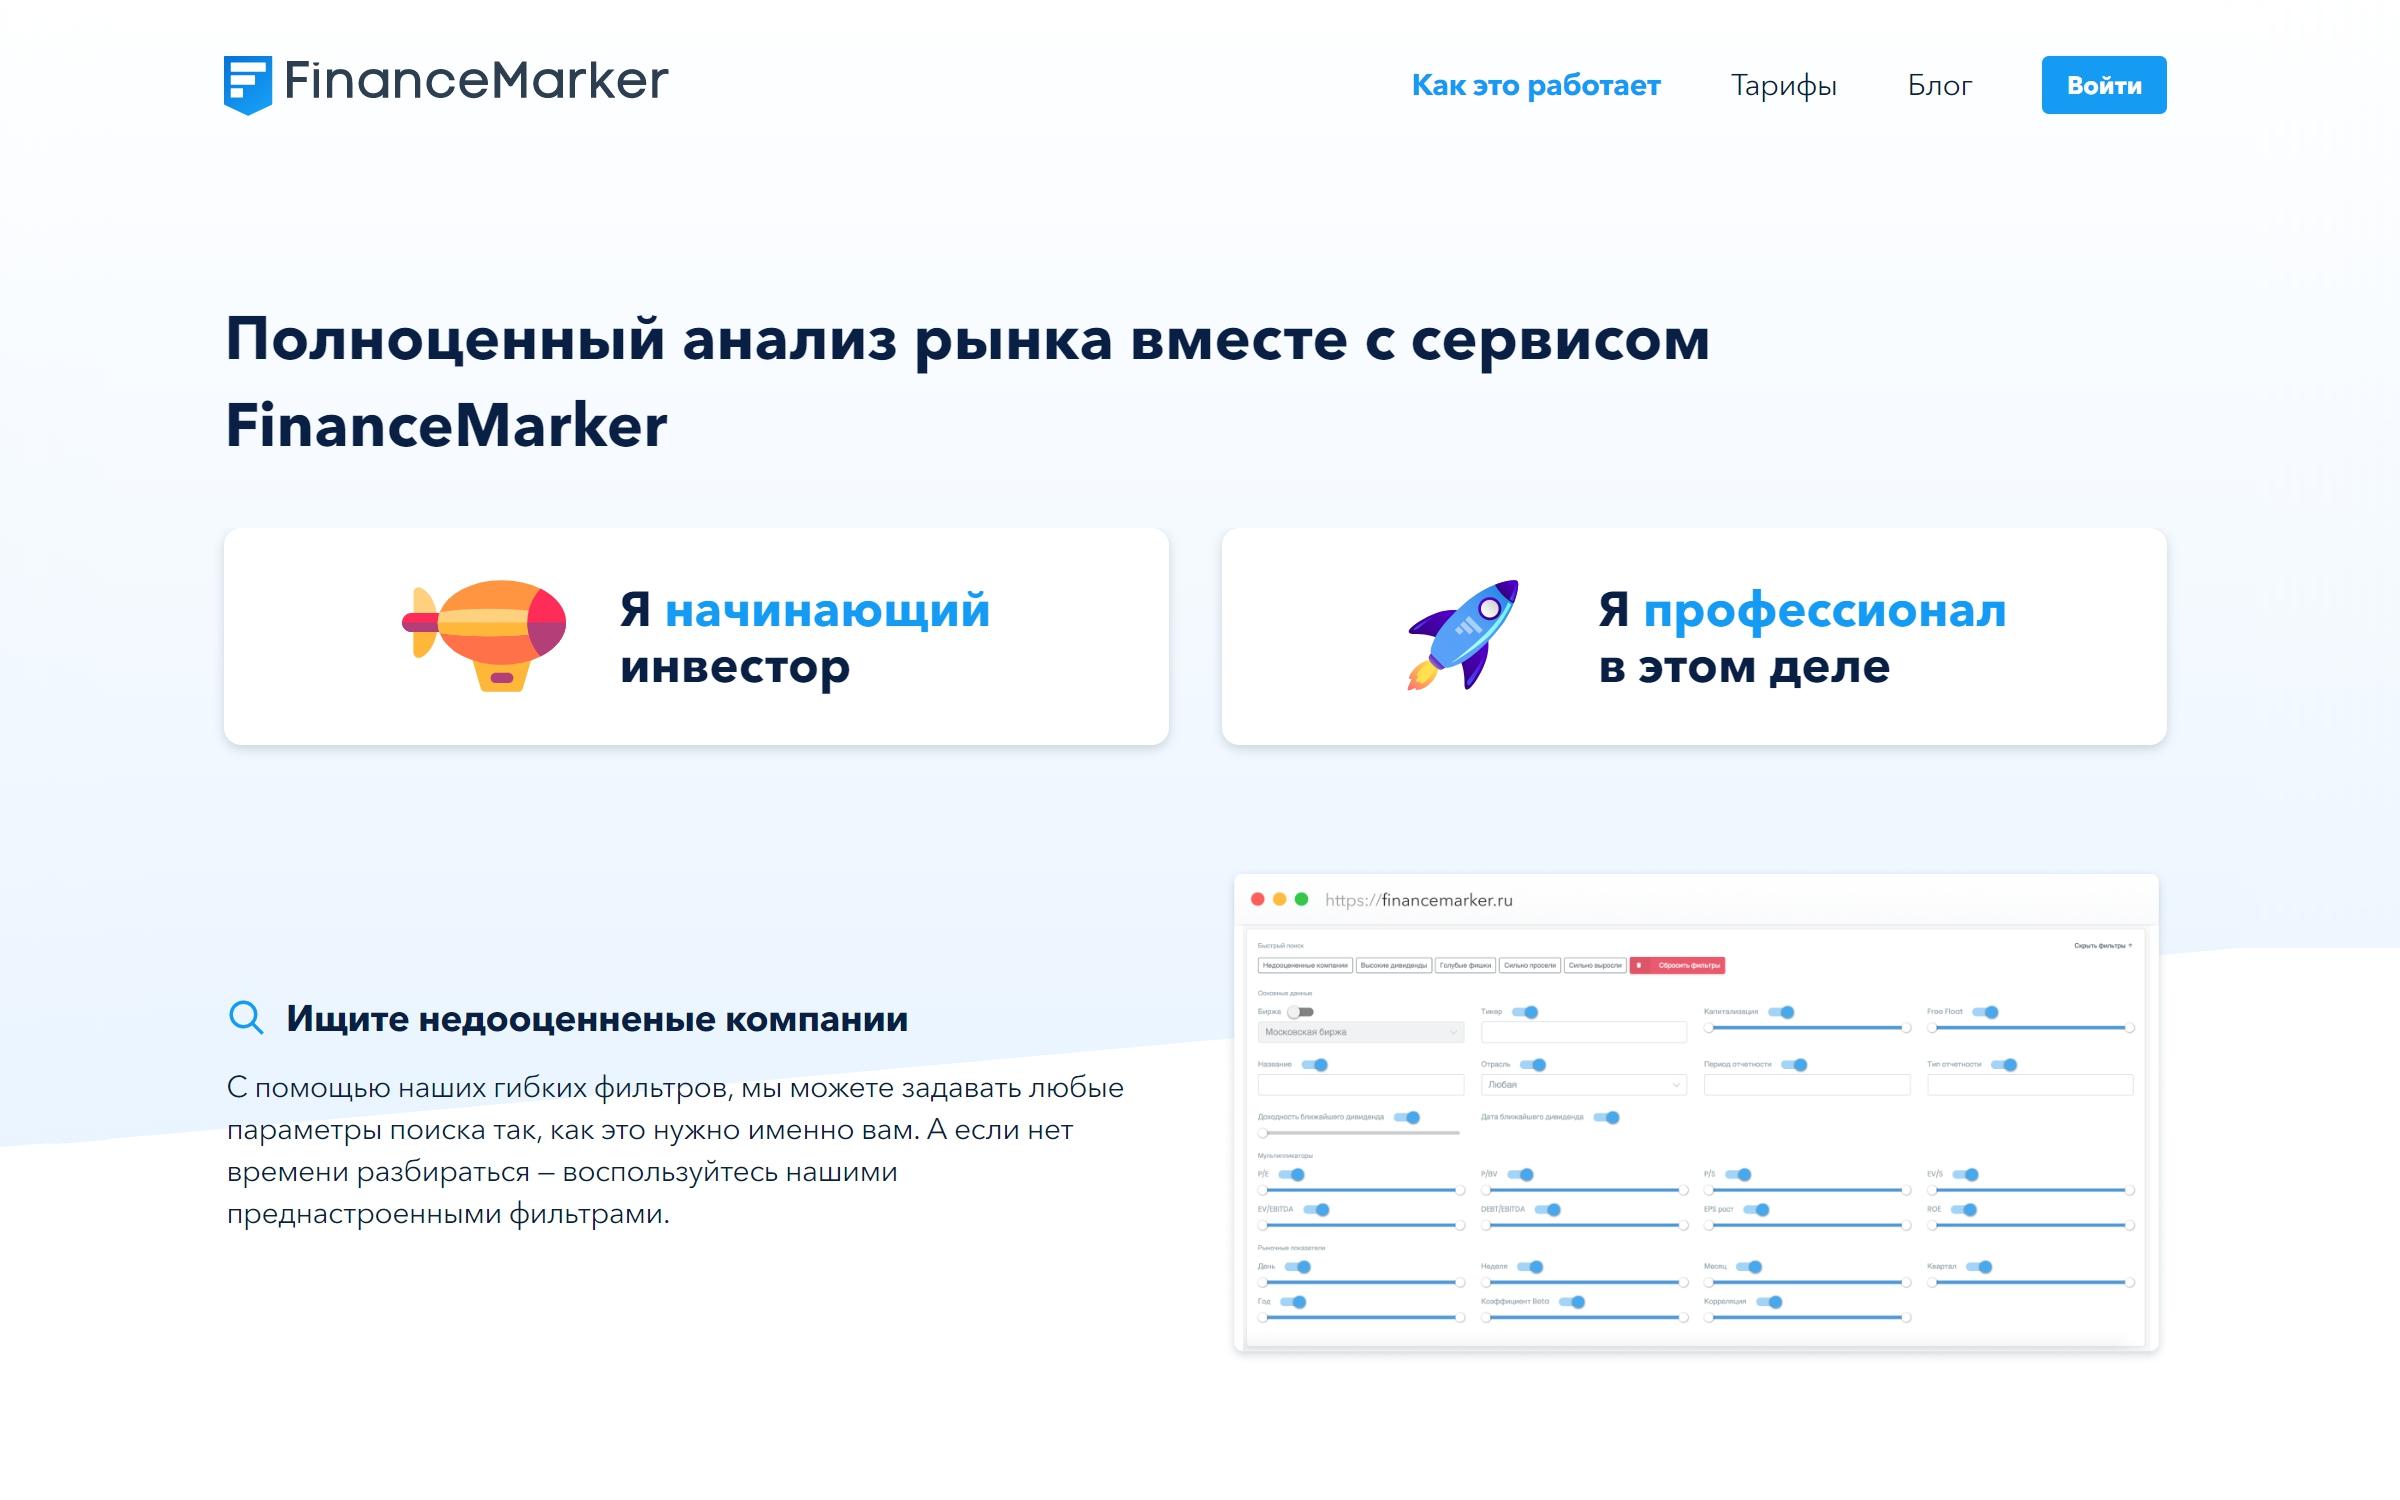 Главная страница «Финанс-маркера»